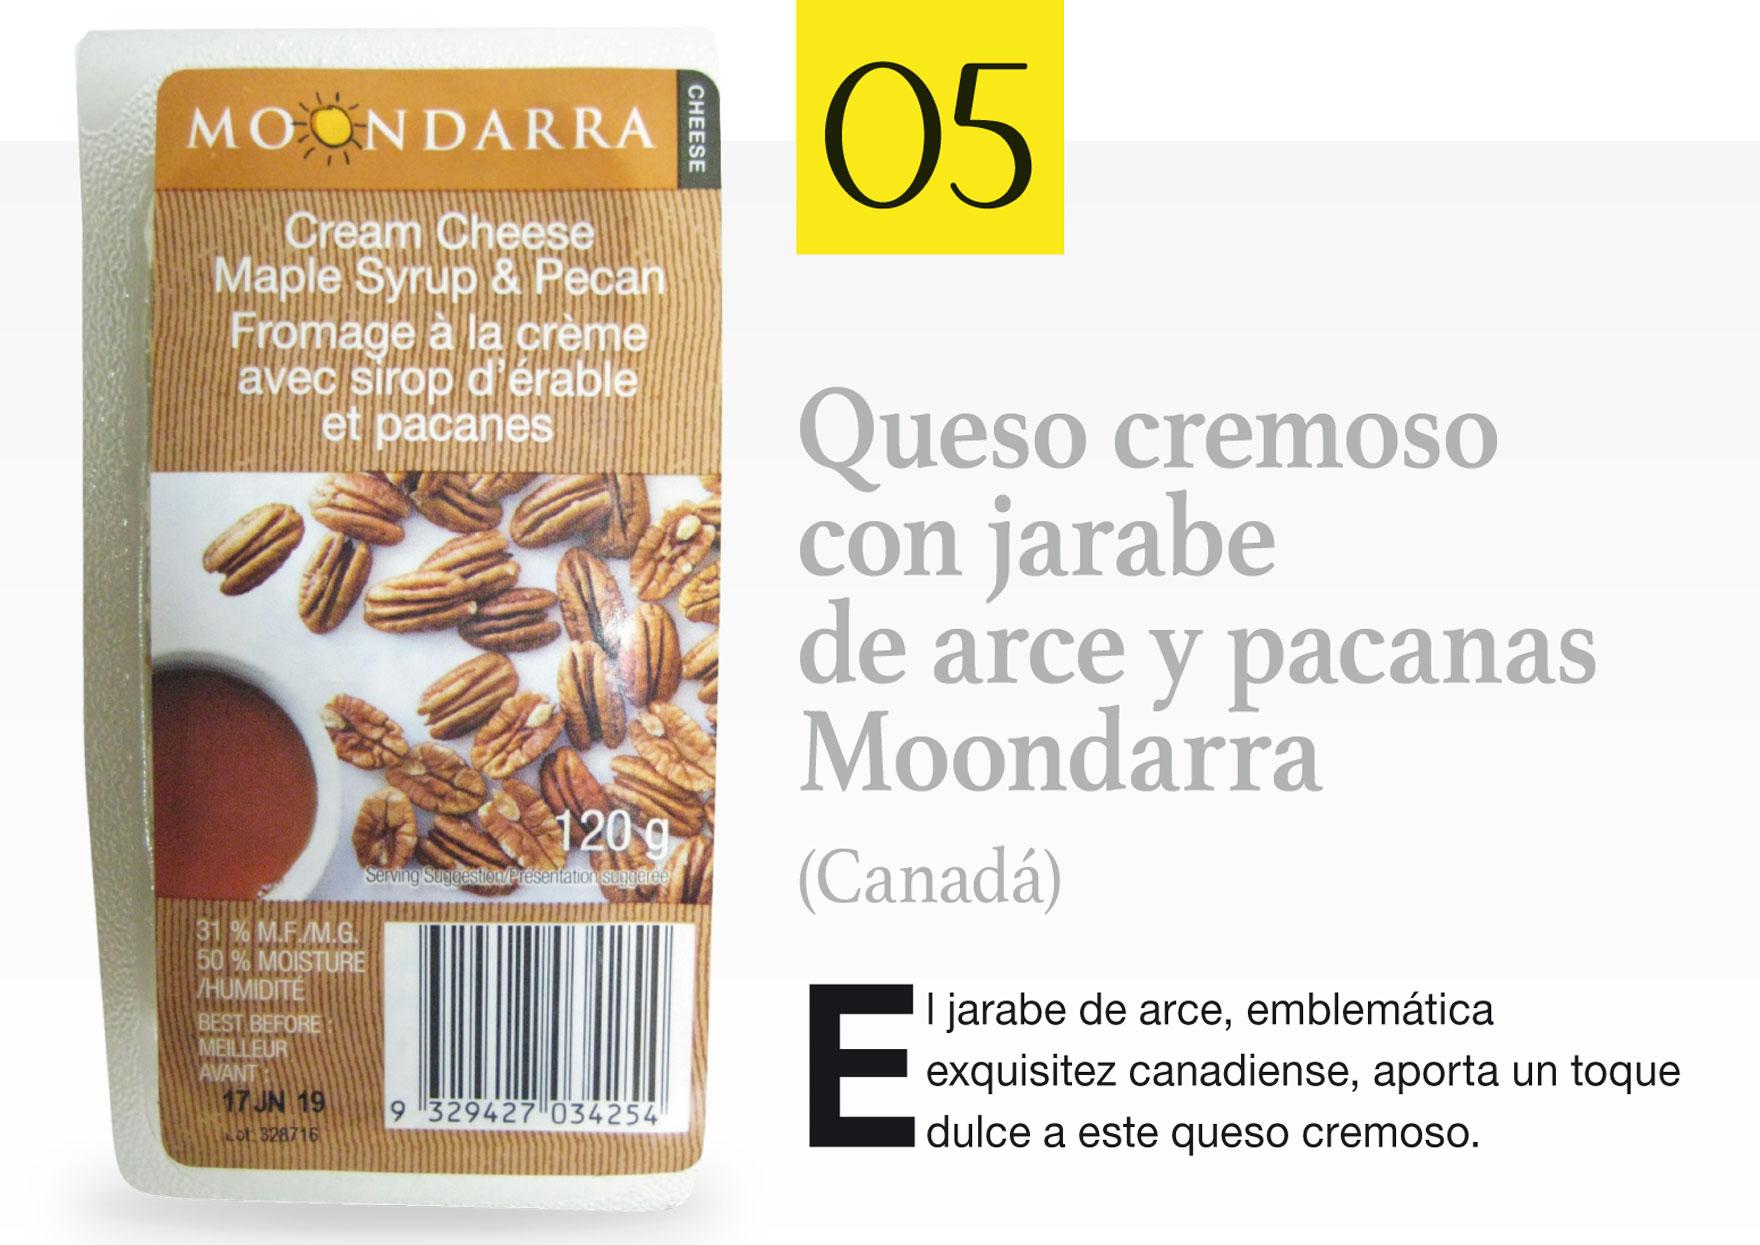 Queso cremoso con jarabe de arce y pacanas Moondarra (Canadá)